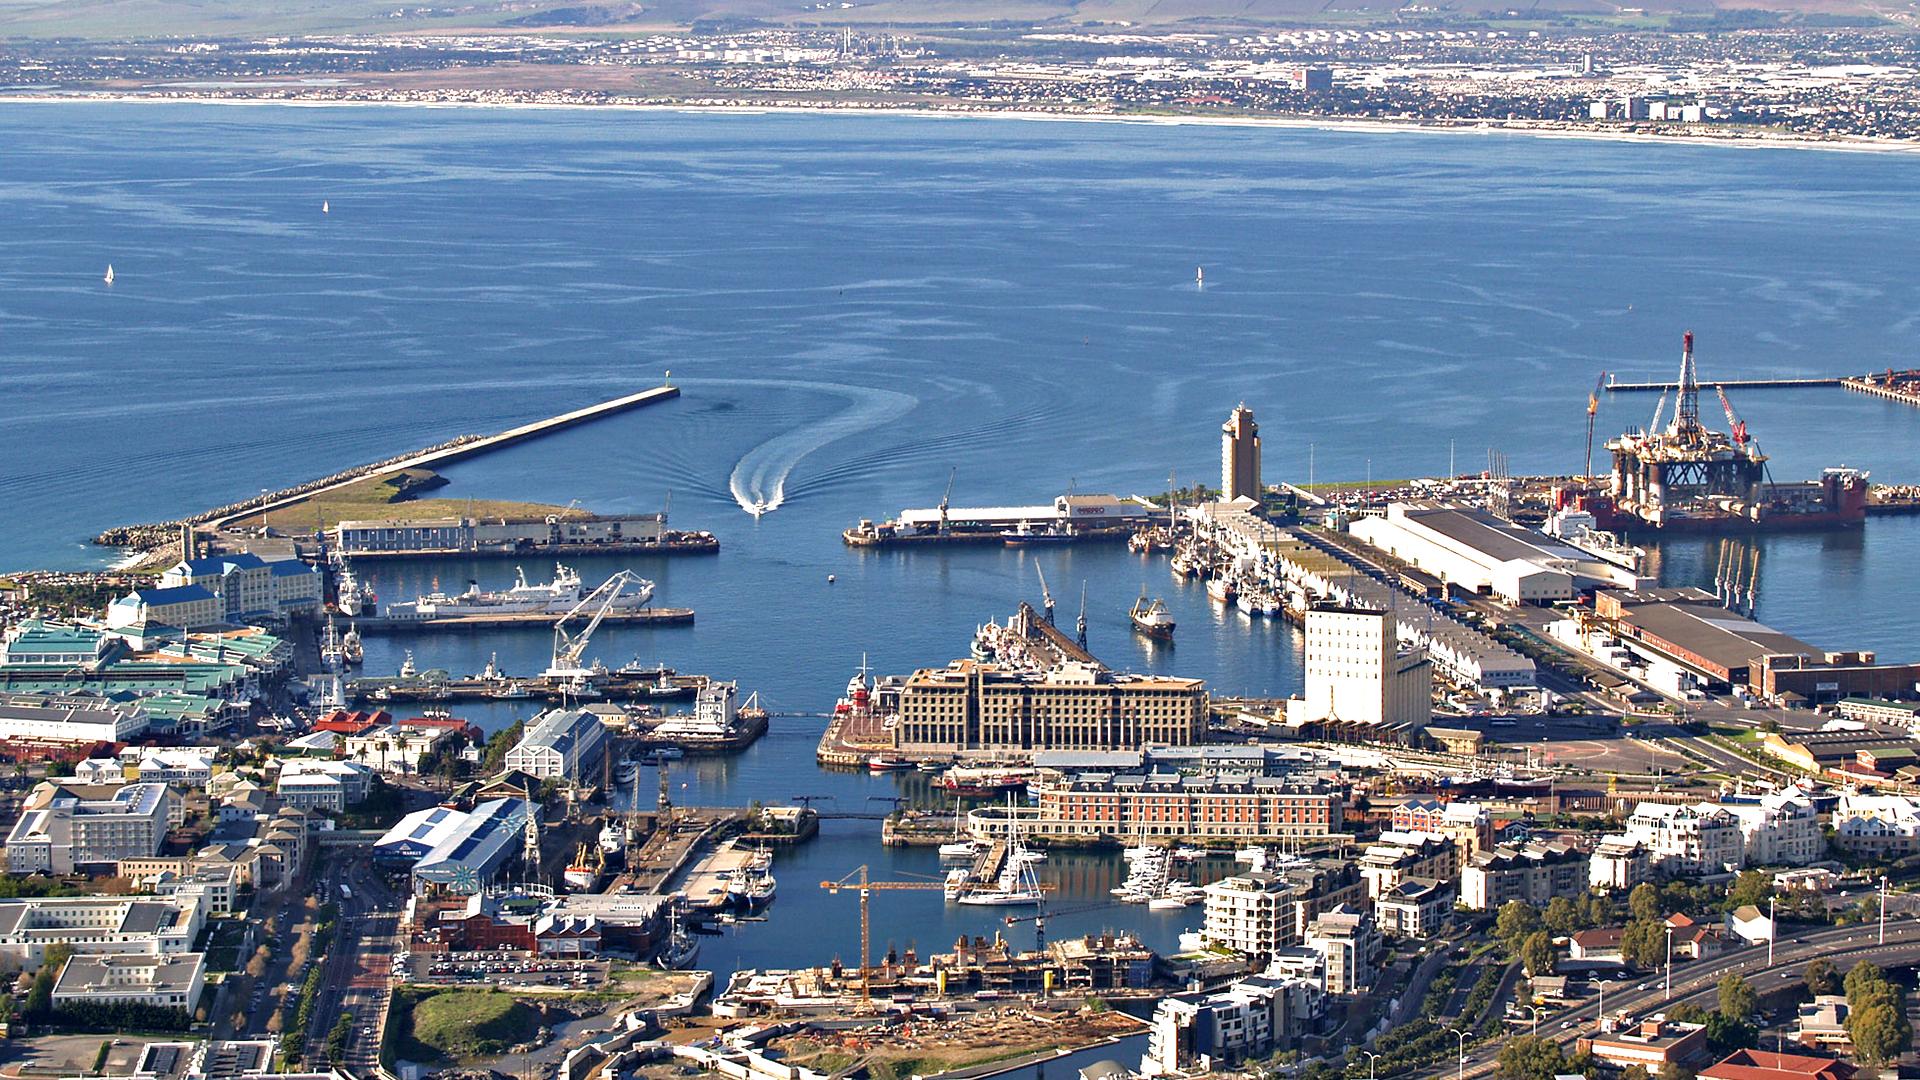 город порт у моря  № 2227165 загрузить